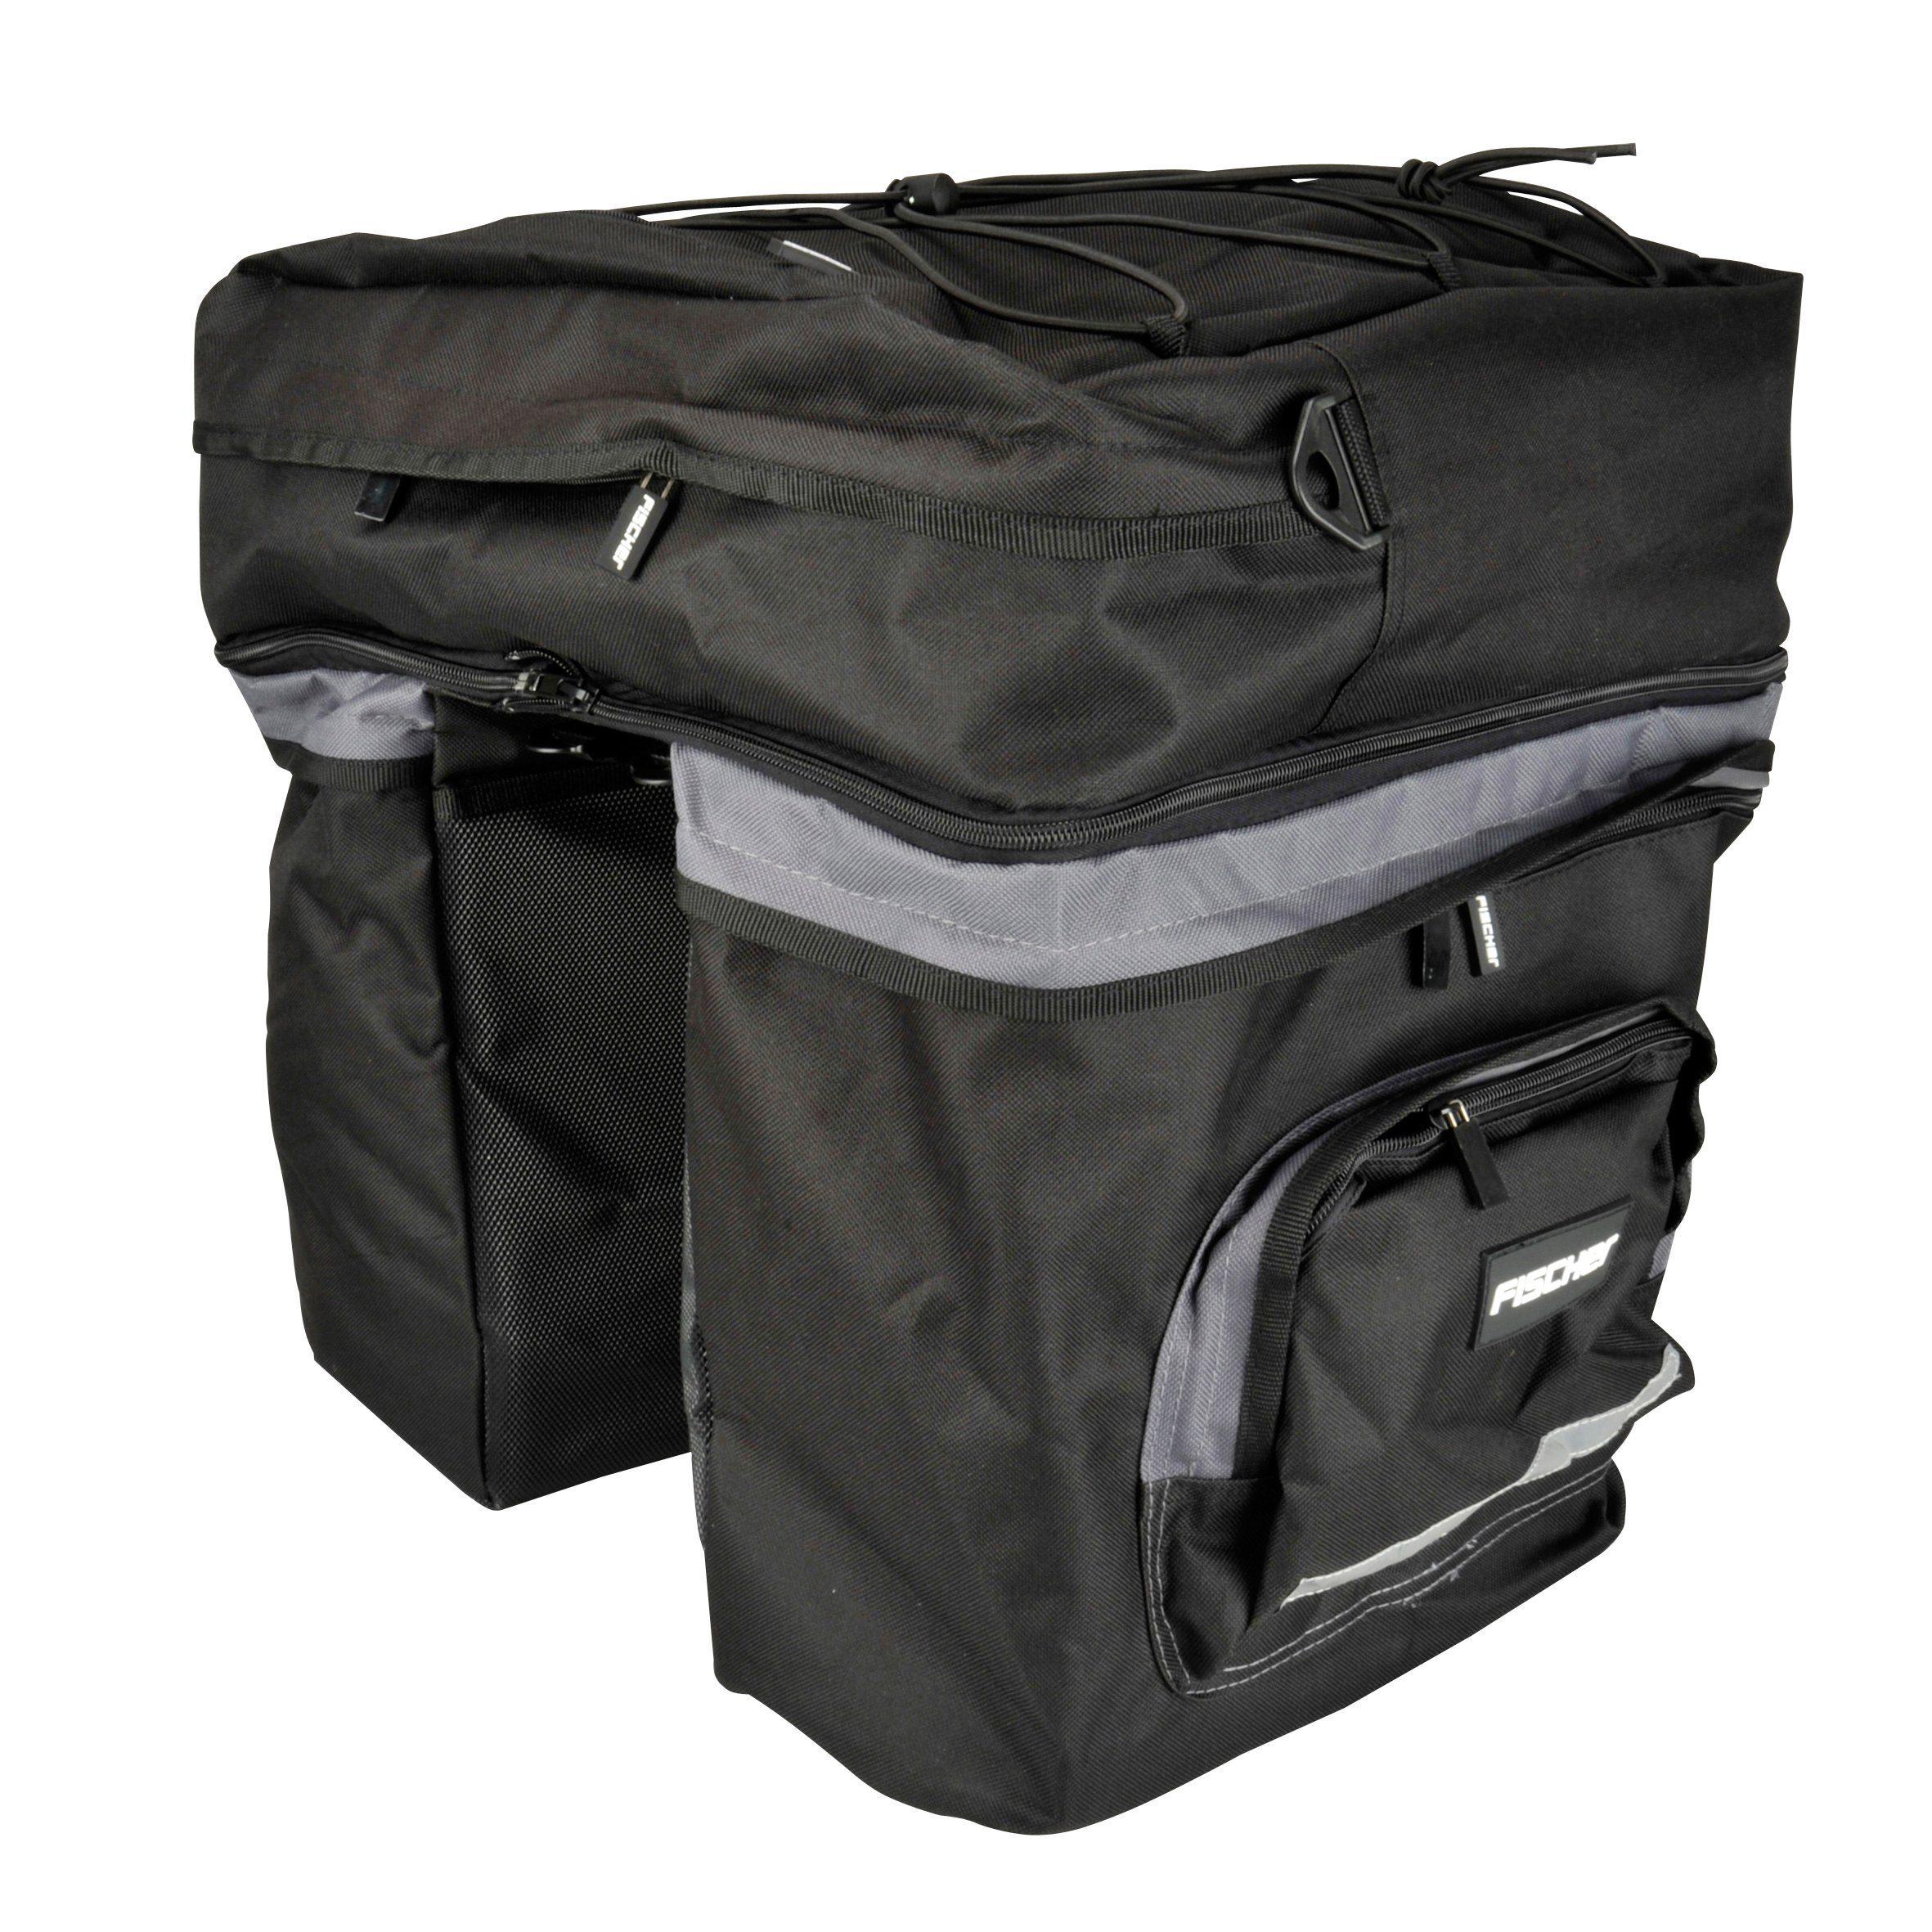 Fischer Fahrraeder Gepäckträgertasche »3-fach«